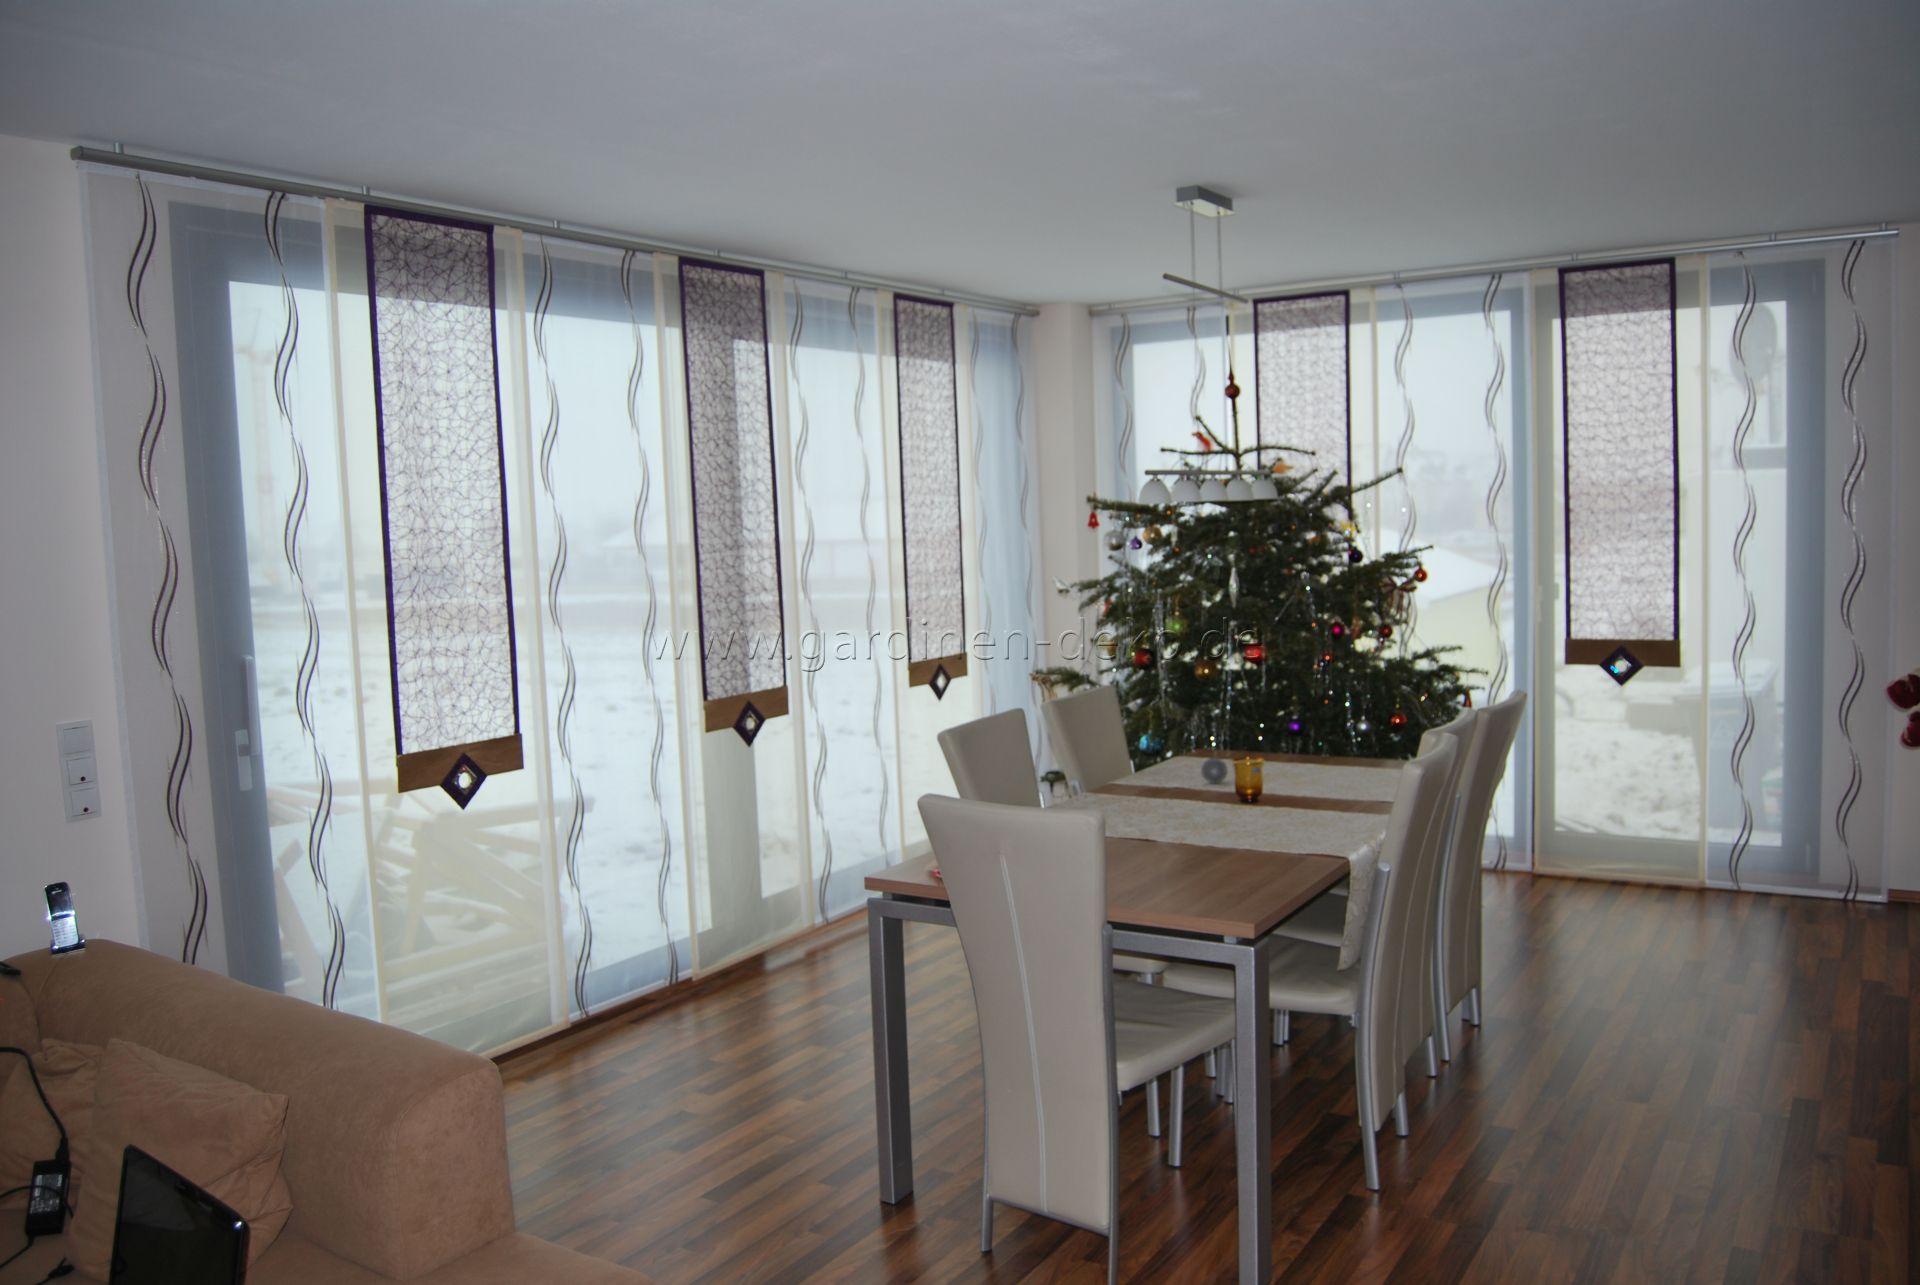 große schiebegardine fürs ess-/wohnzimmer in beige-lila-weiß ... - Wohnzimmer Lila Beige